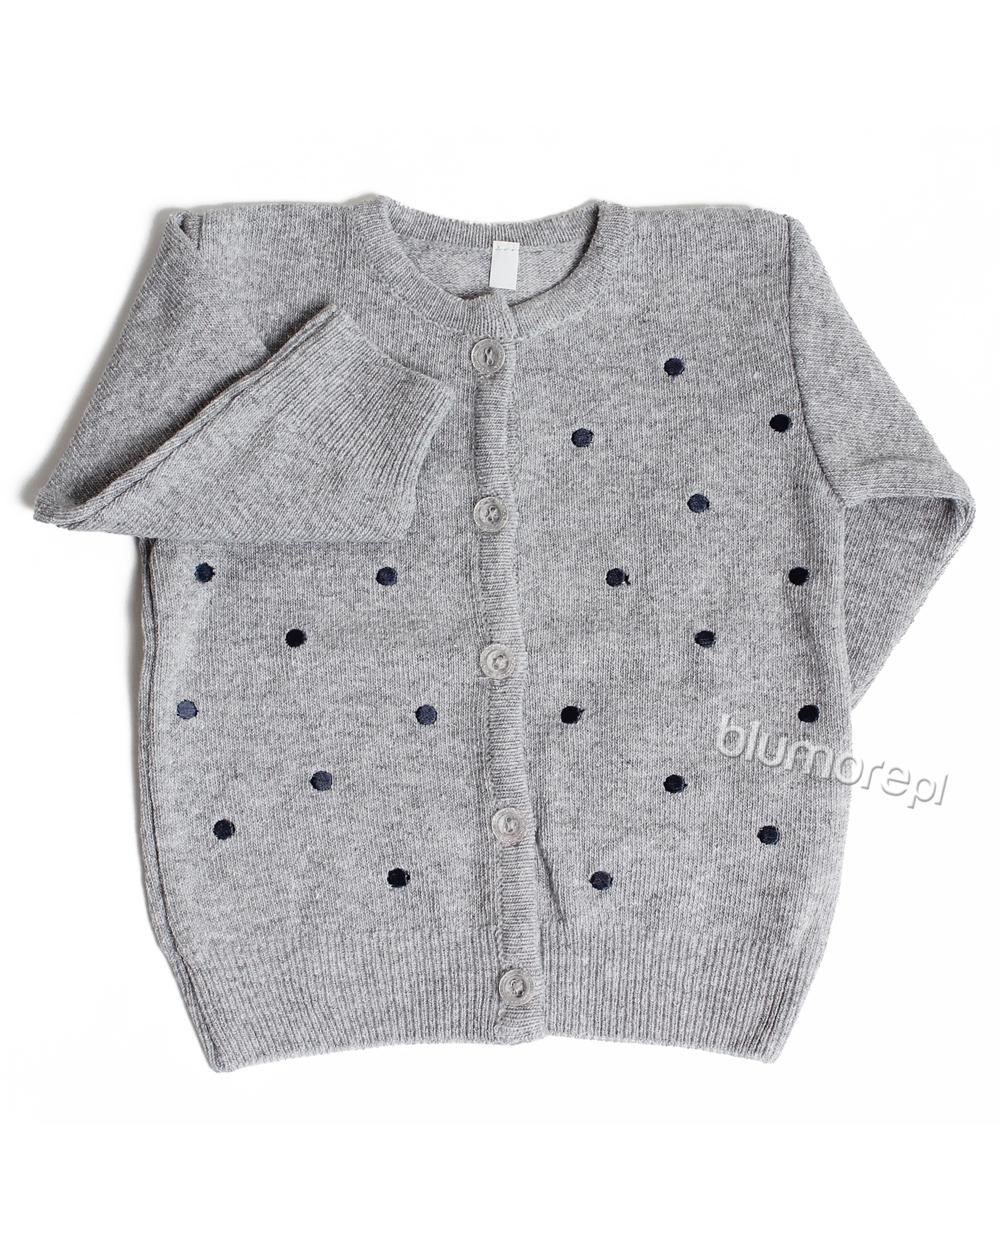 5e9312d427 Sportowy sweterek w groszki 80 - 104 Moli szary